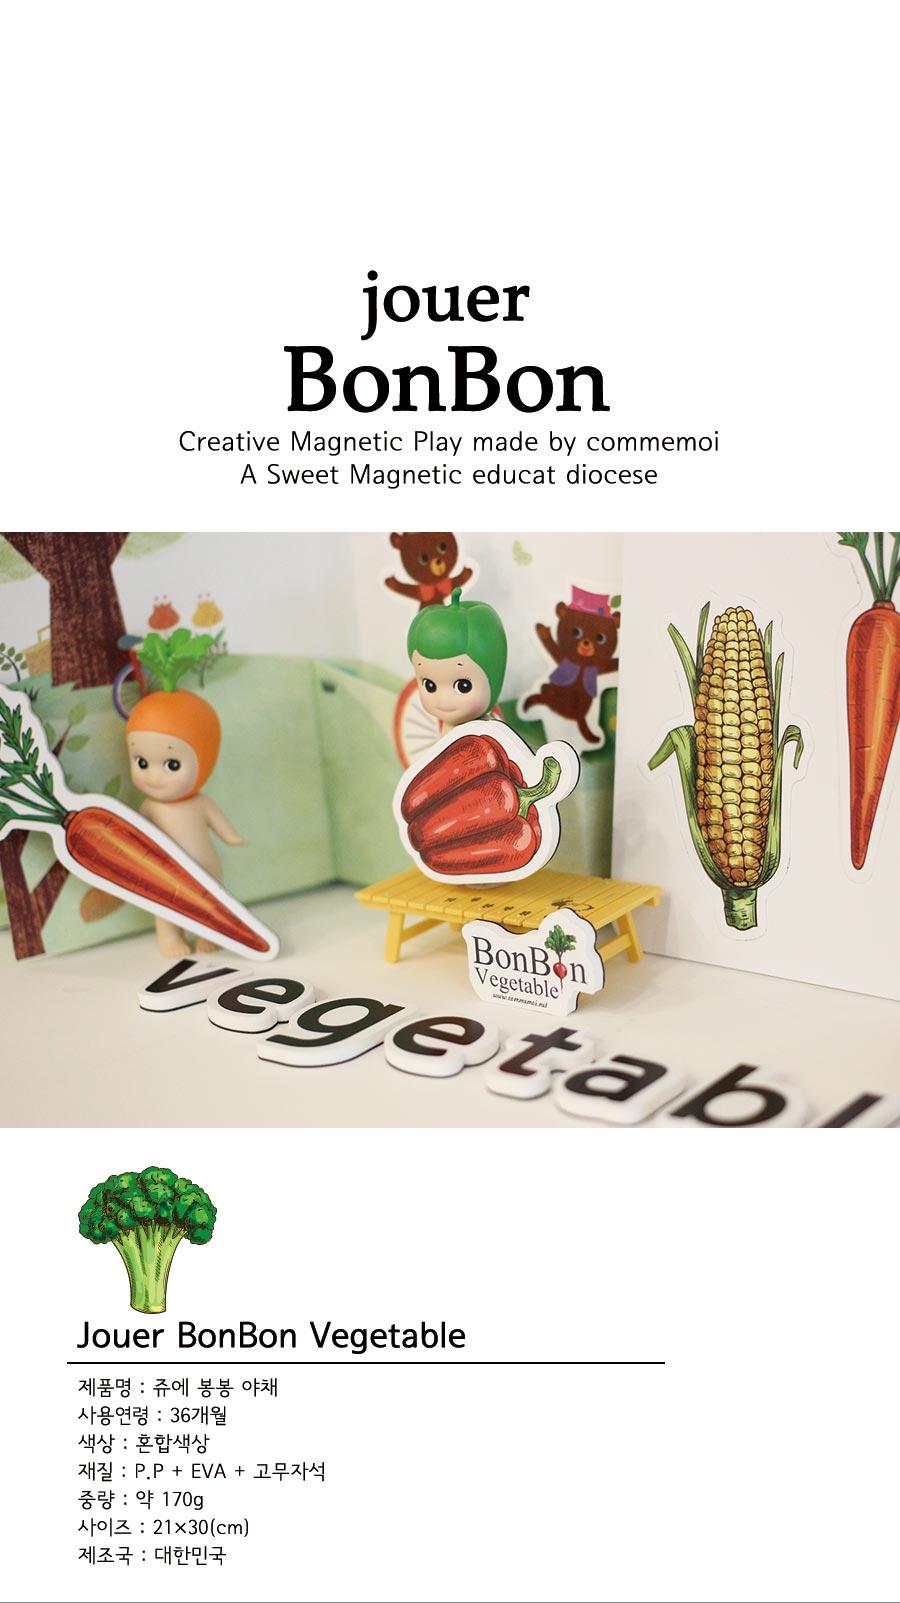 쥬에 봉봉 야채 자석 교구 퍼즐 칠판 유아 - 꼬메모이, 12,500원, 교육완구, 학습교구